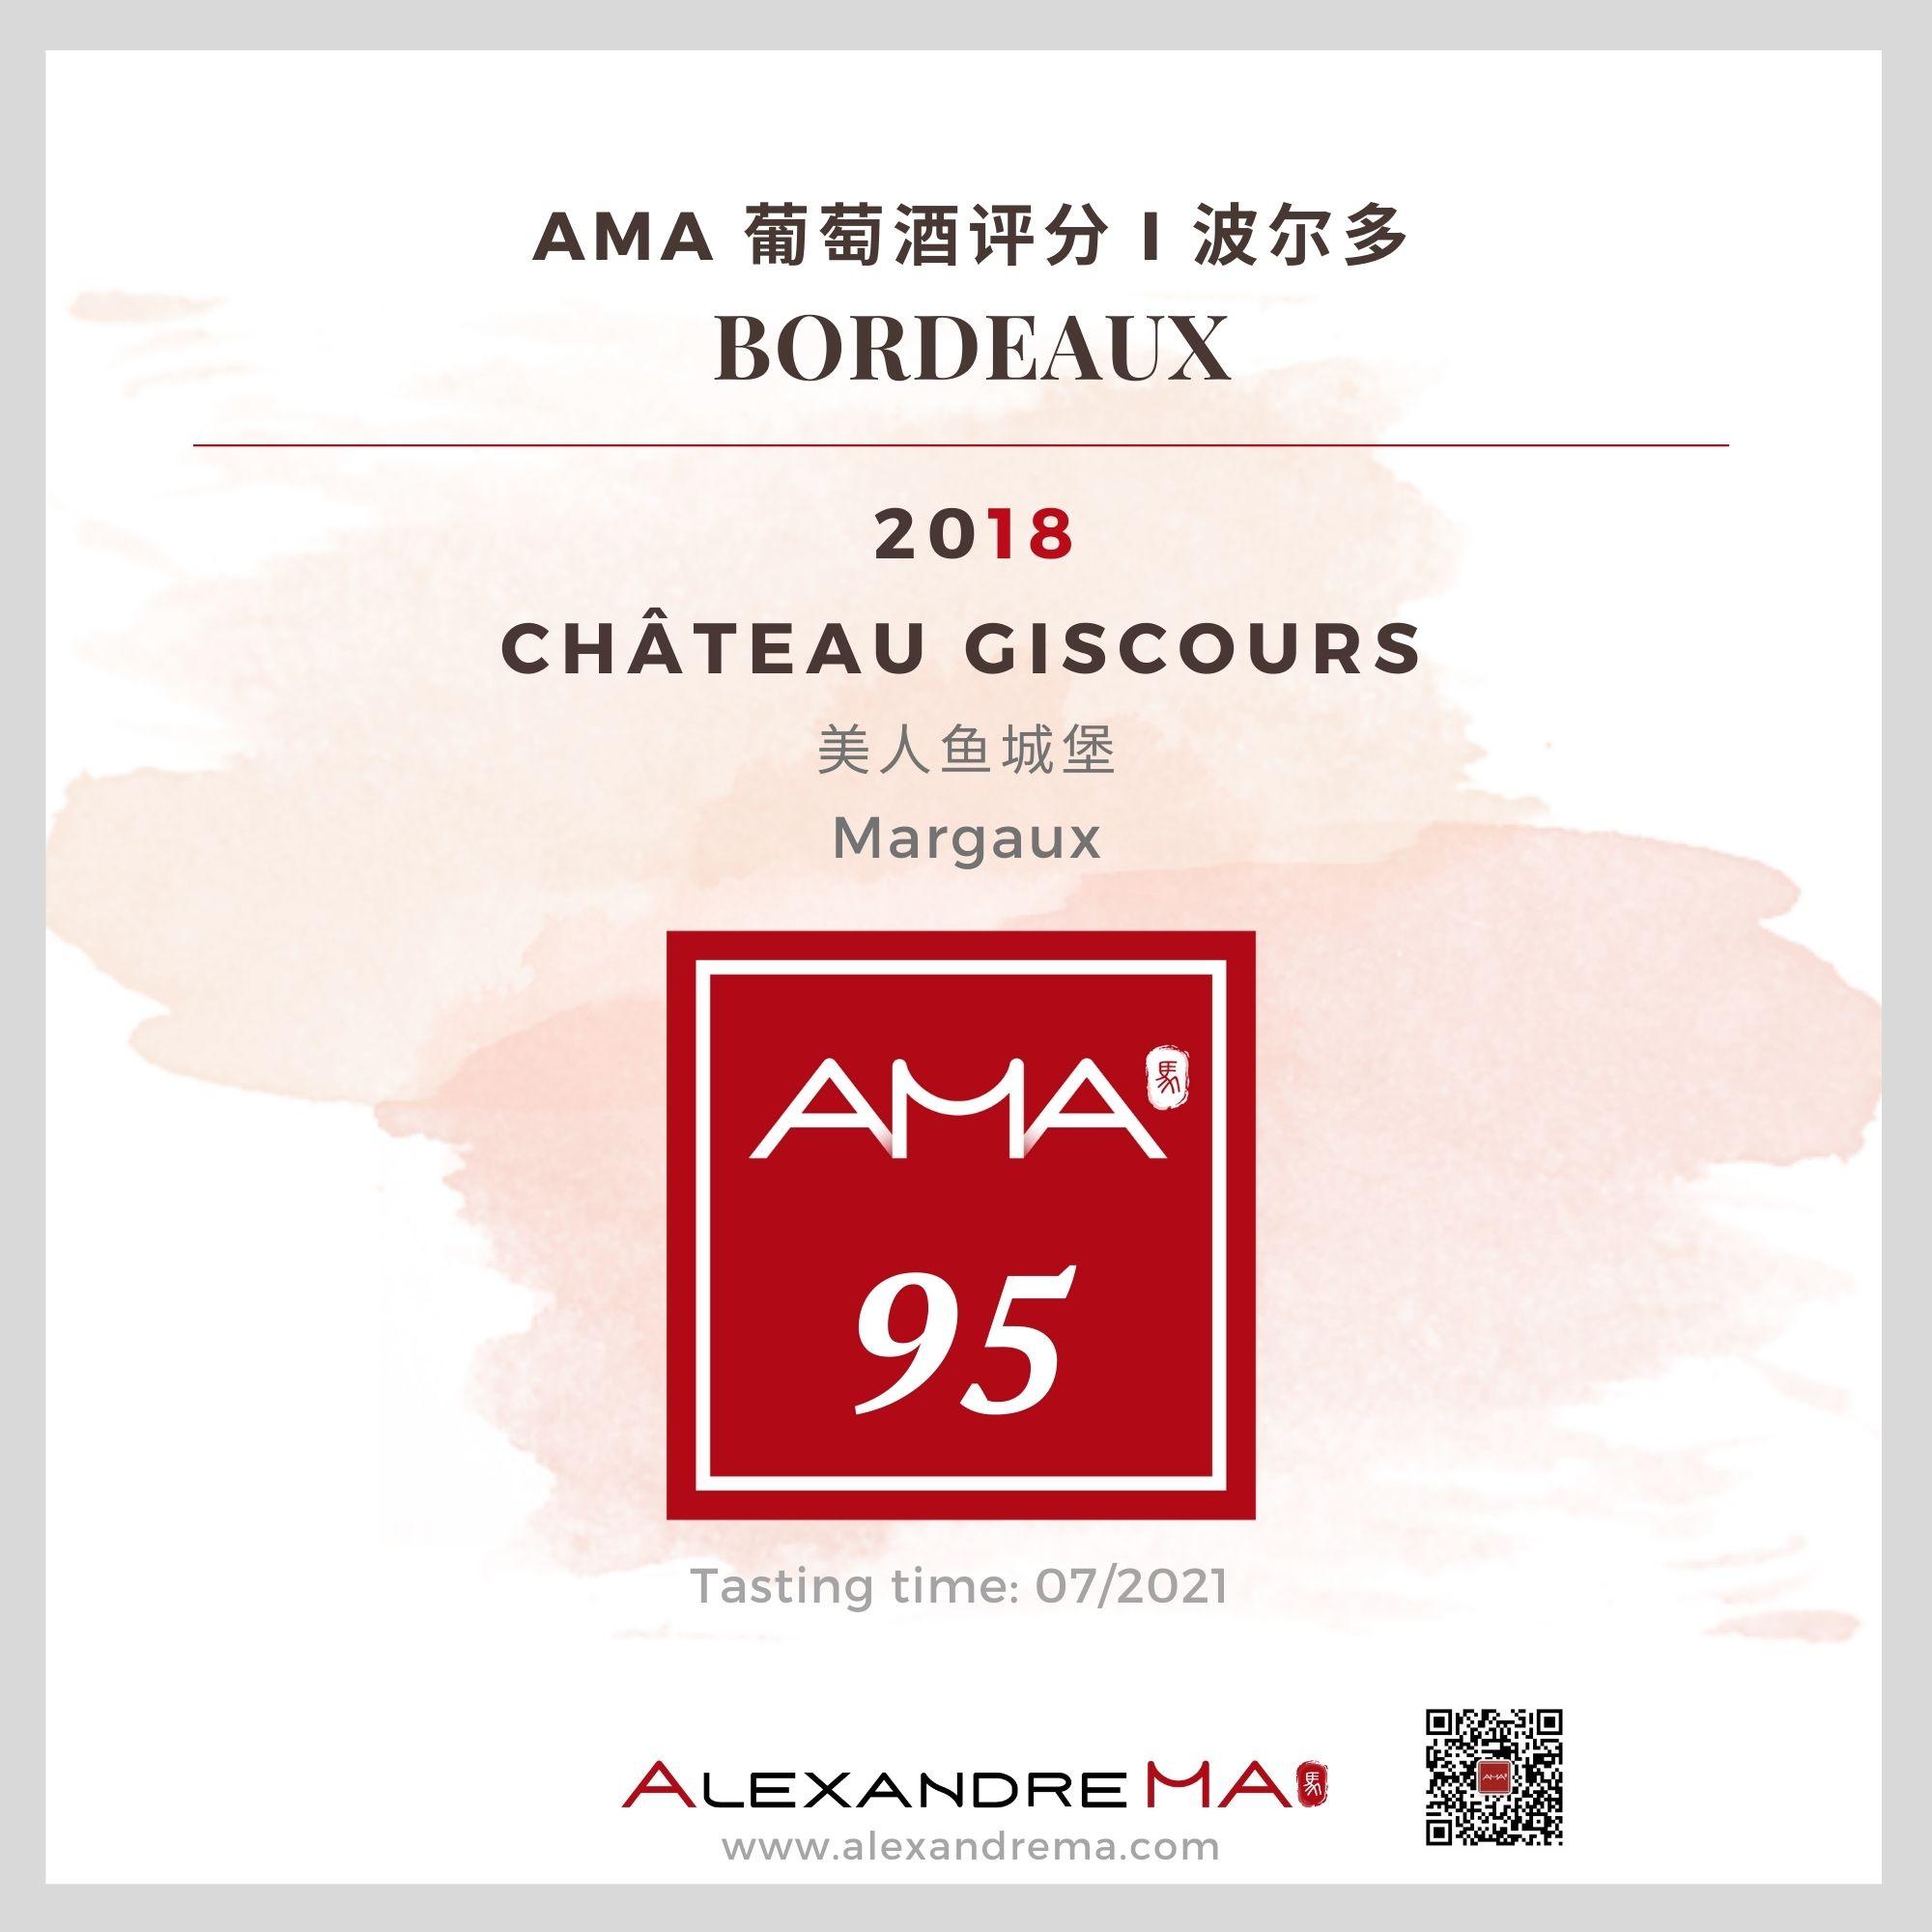 Château Giscours 2018 美人鱼城堡 - Alexandre Ma